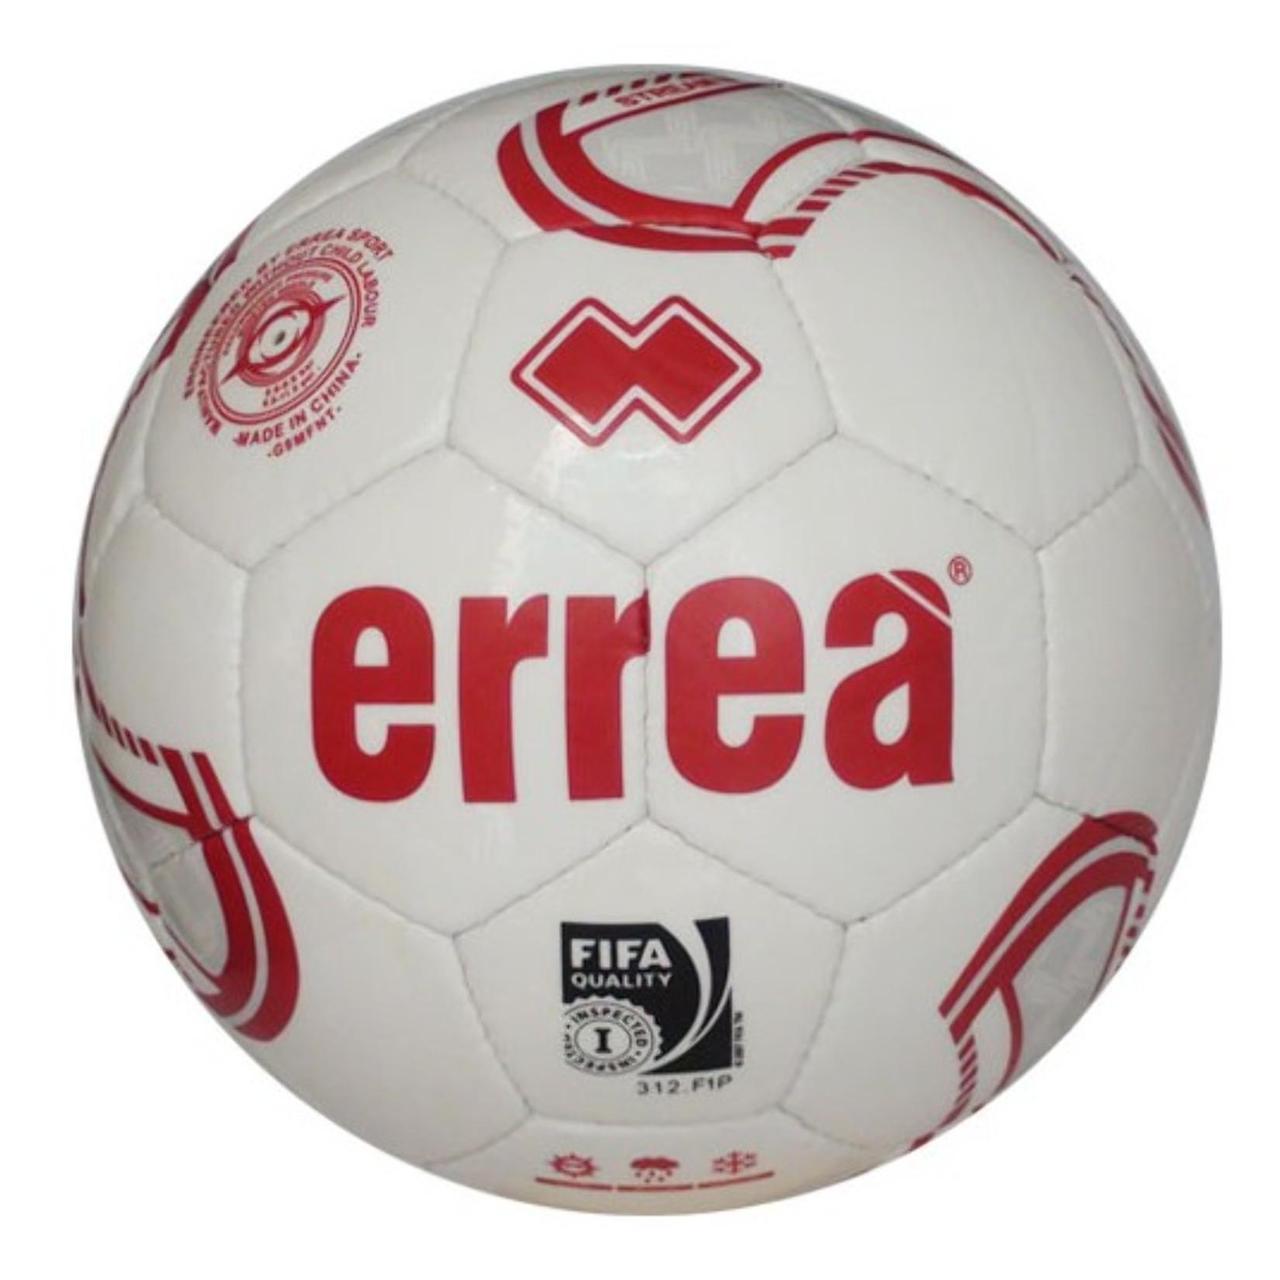 Футбольный мяч errera